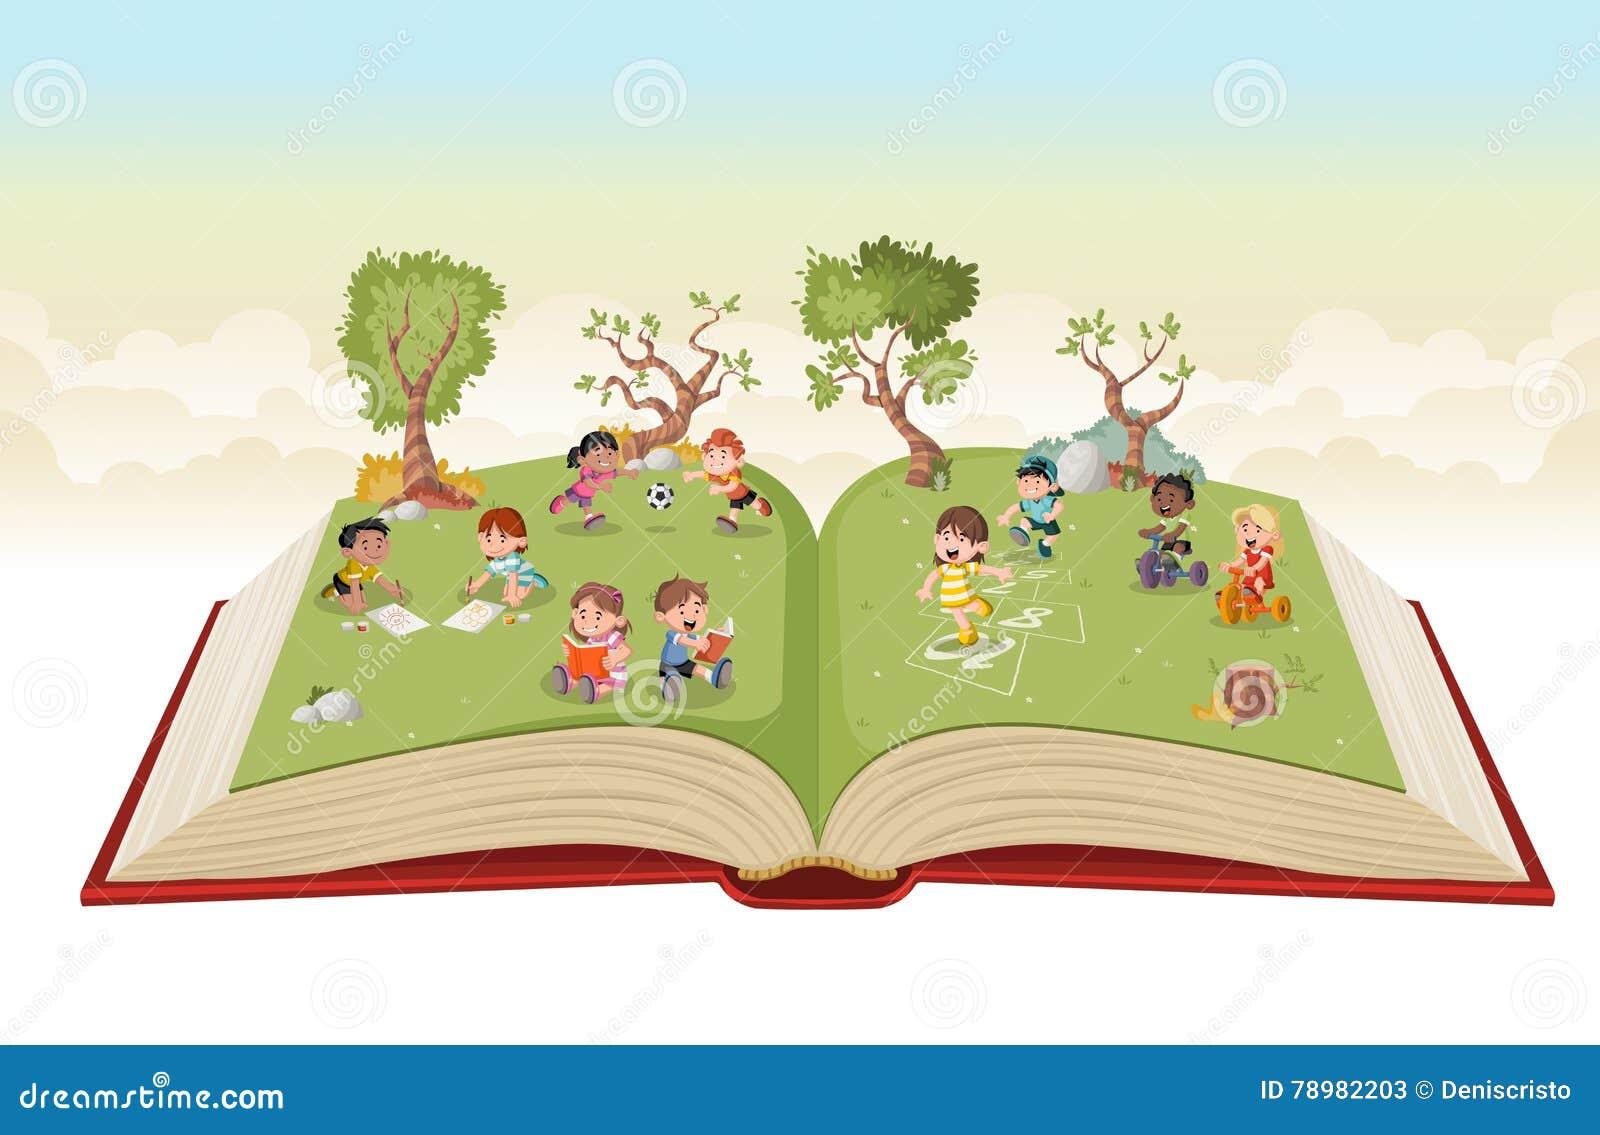 Crianças Que Jogam O Futebol Nos Desenhos Animados Do: Abra O Livro Com As Crianças Bonitos Dos Desenhos